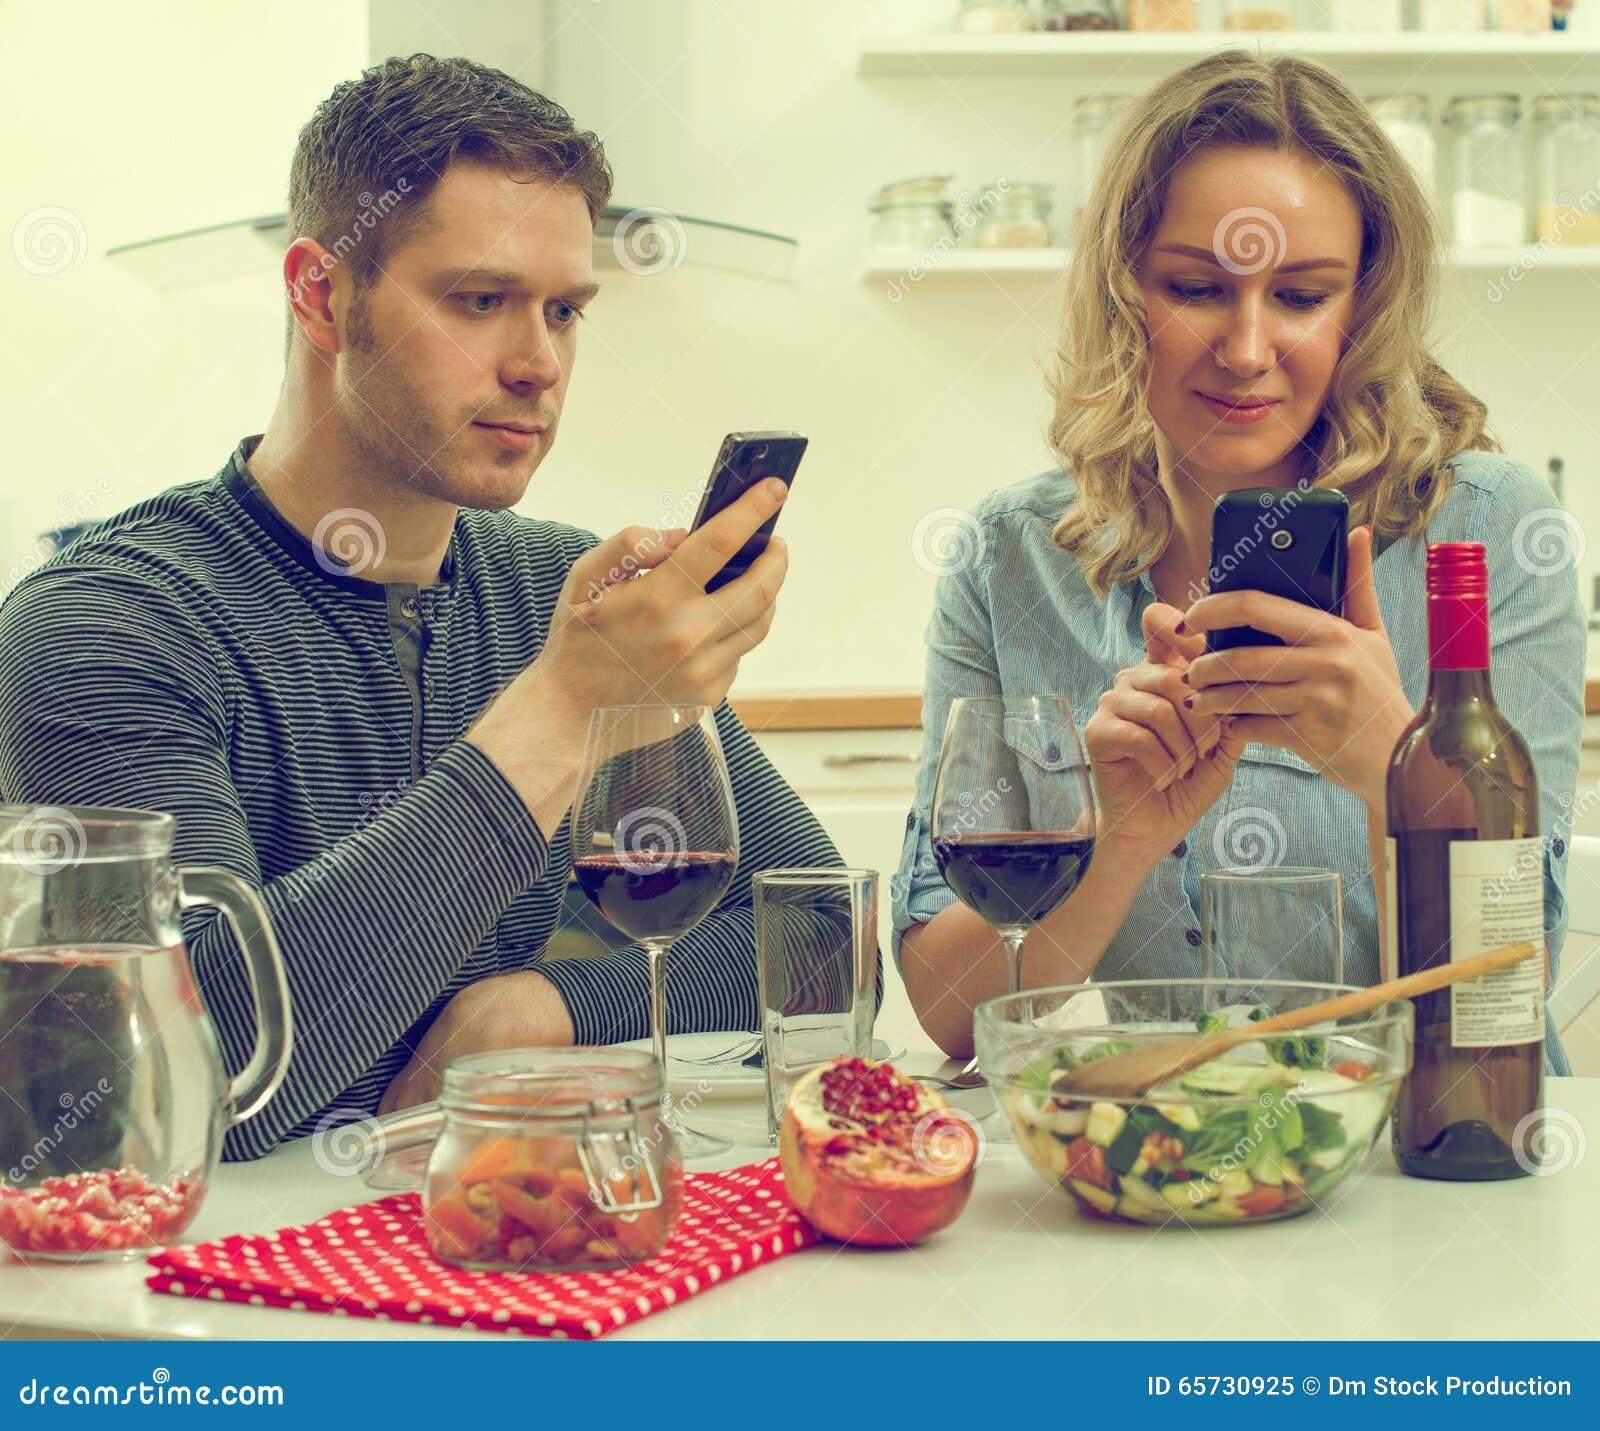 Hacken Sie Ihr Online-Dating-Profil